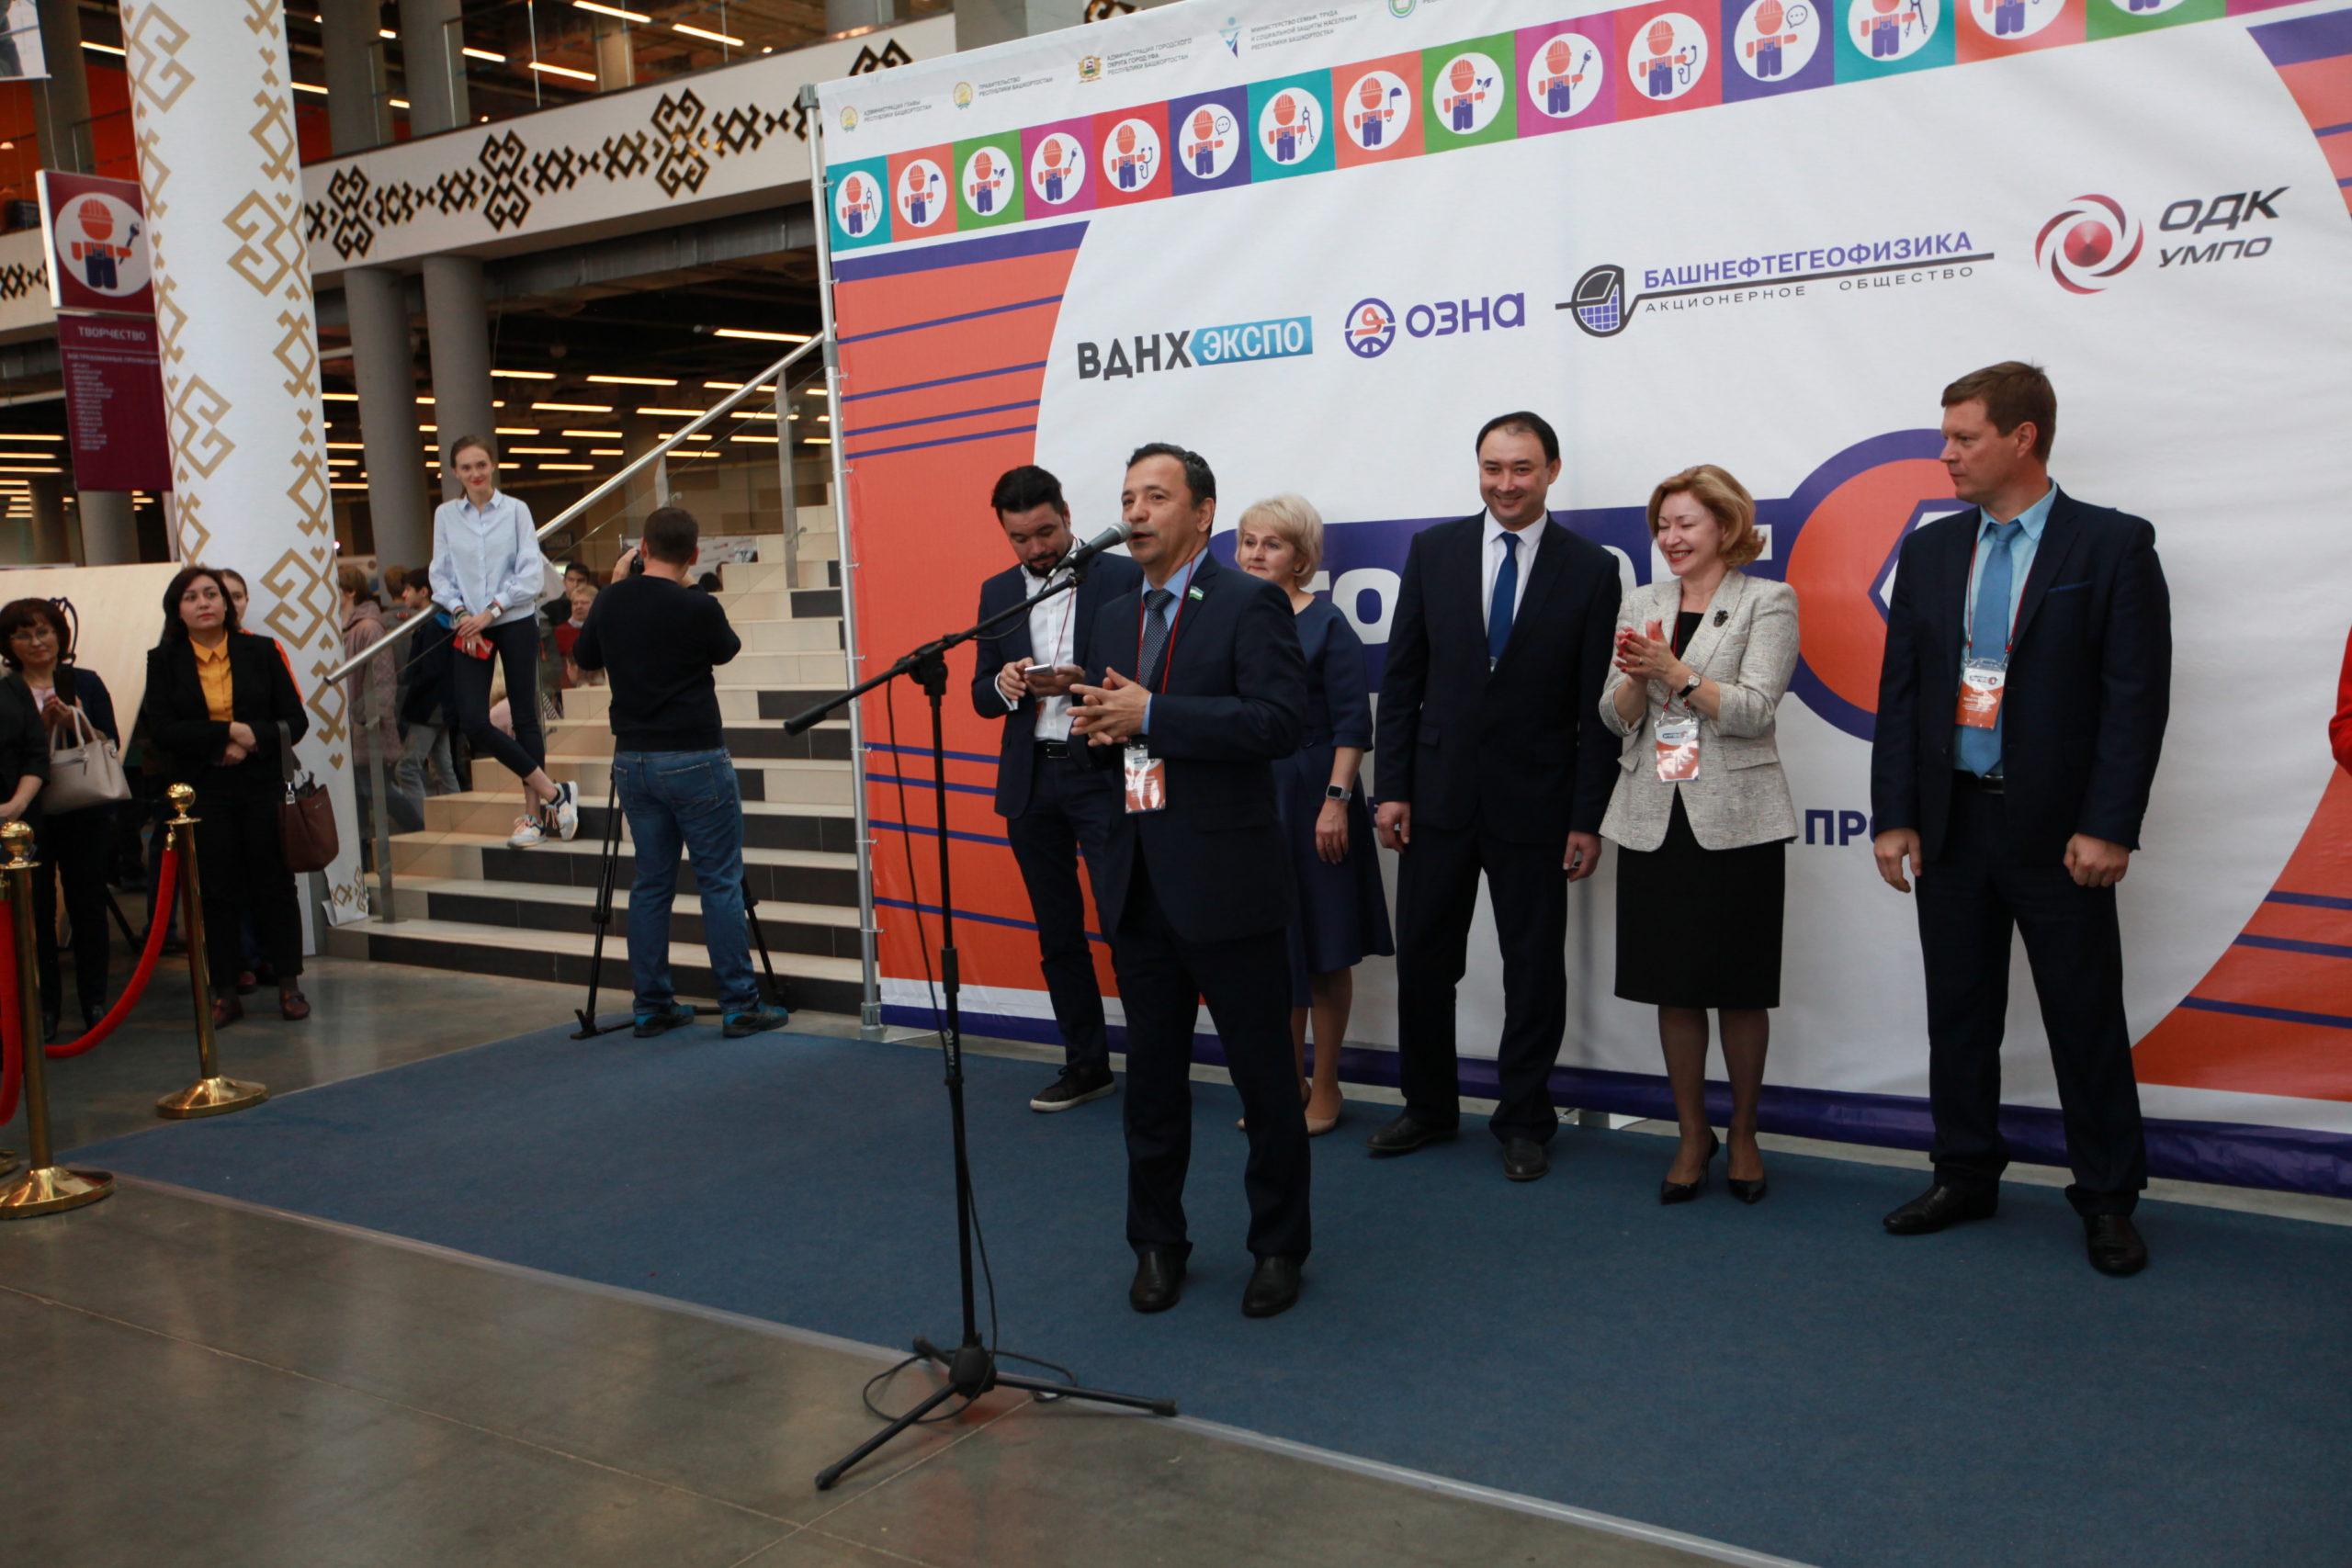 Состоялось открытие фестиваля востребованных профессий ProfФест.